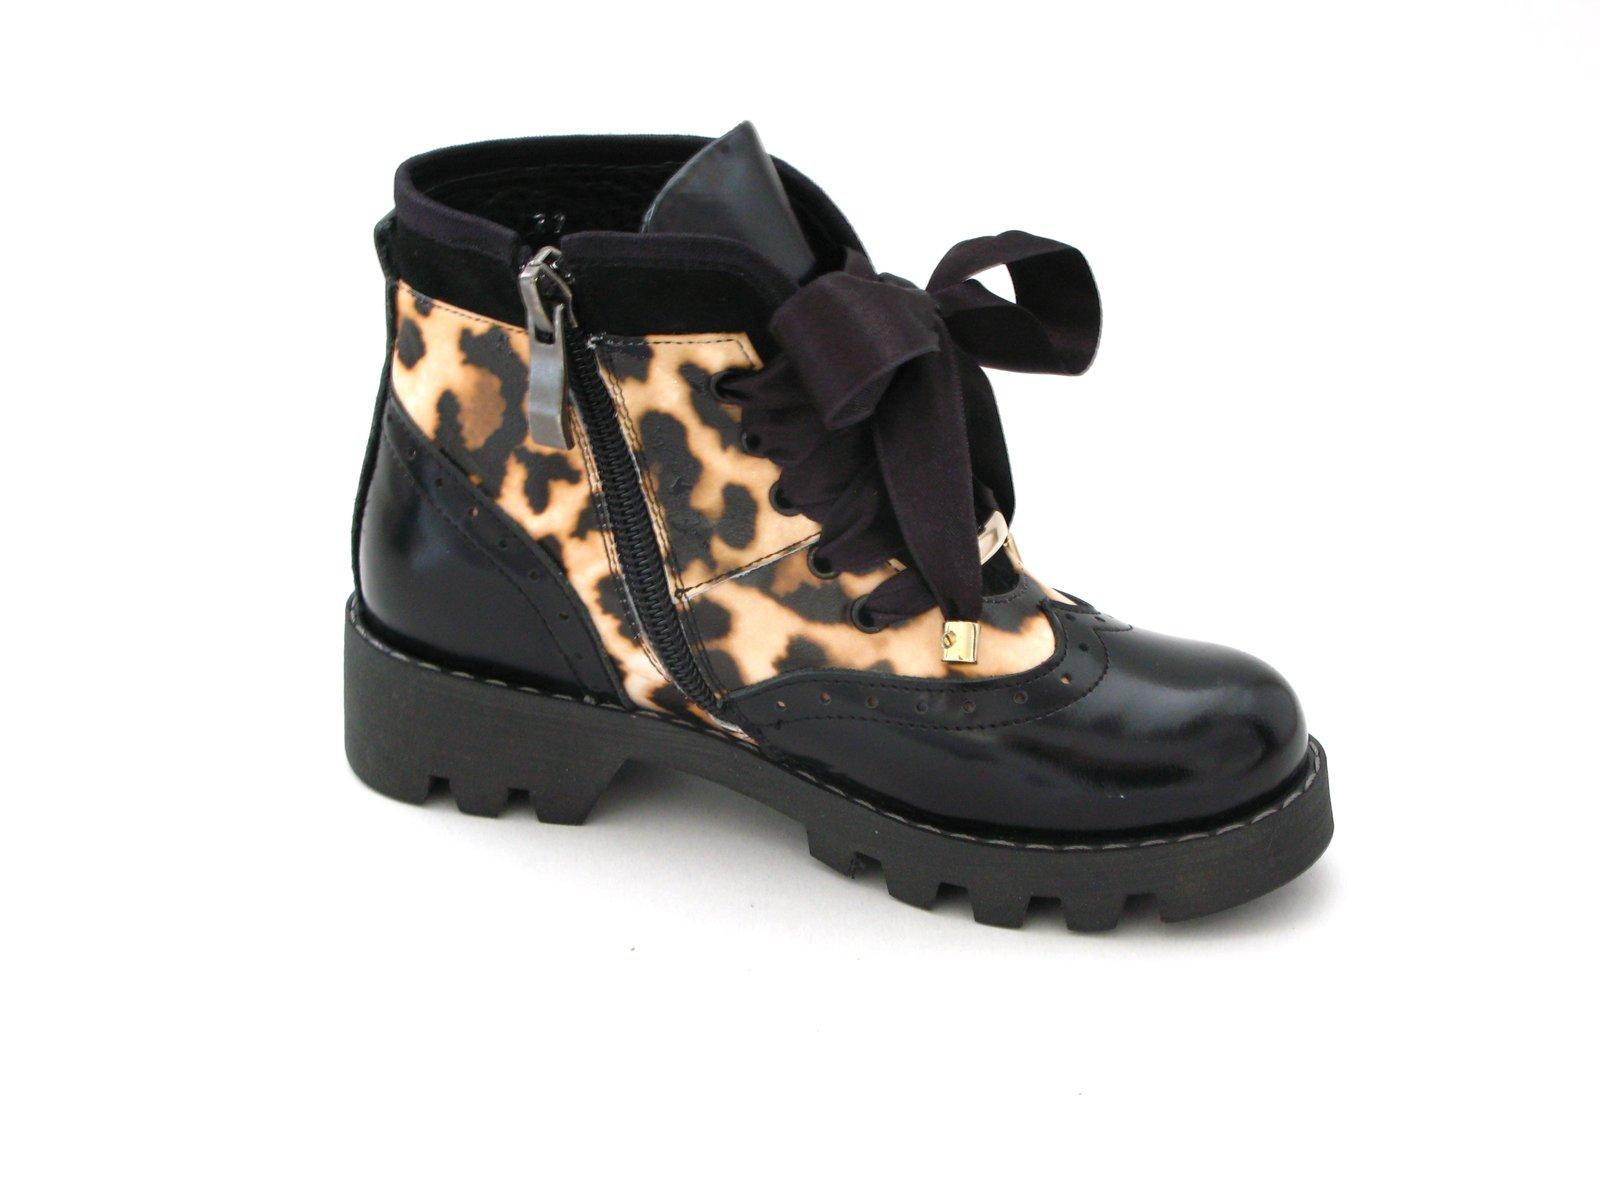 Черевики для дітей Giorgio Vito купити у Харкові ціна e5656c4b017ab